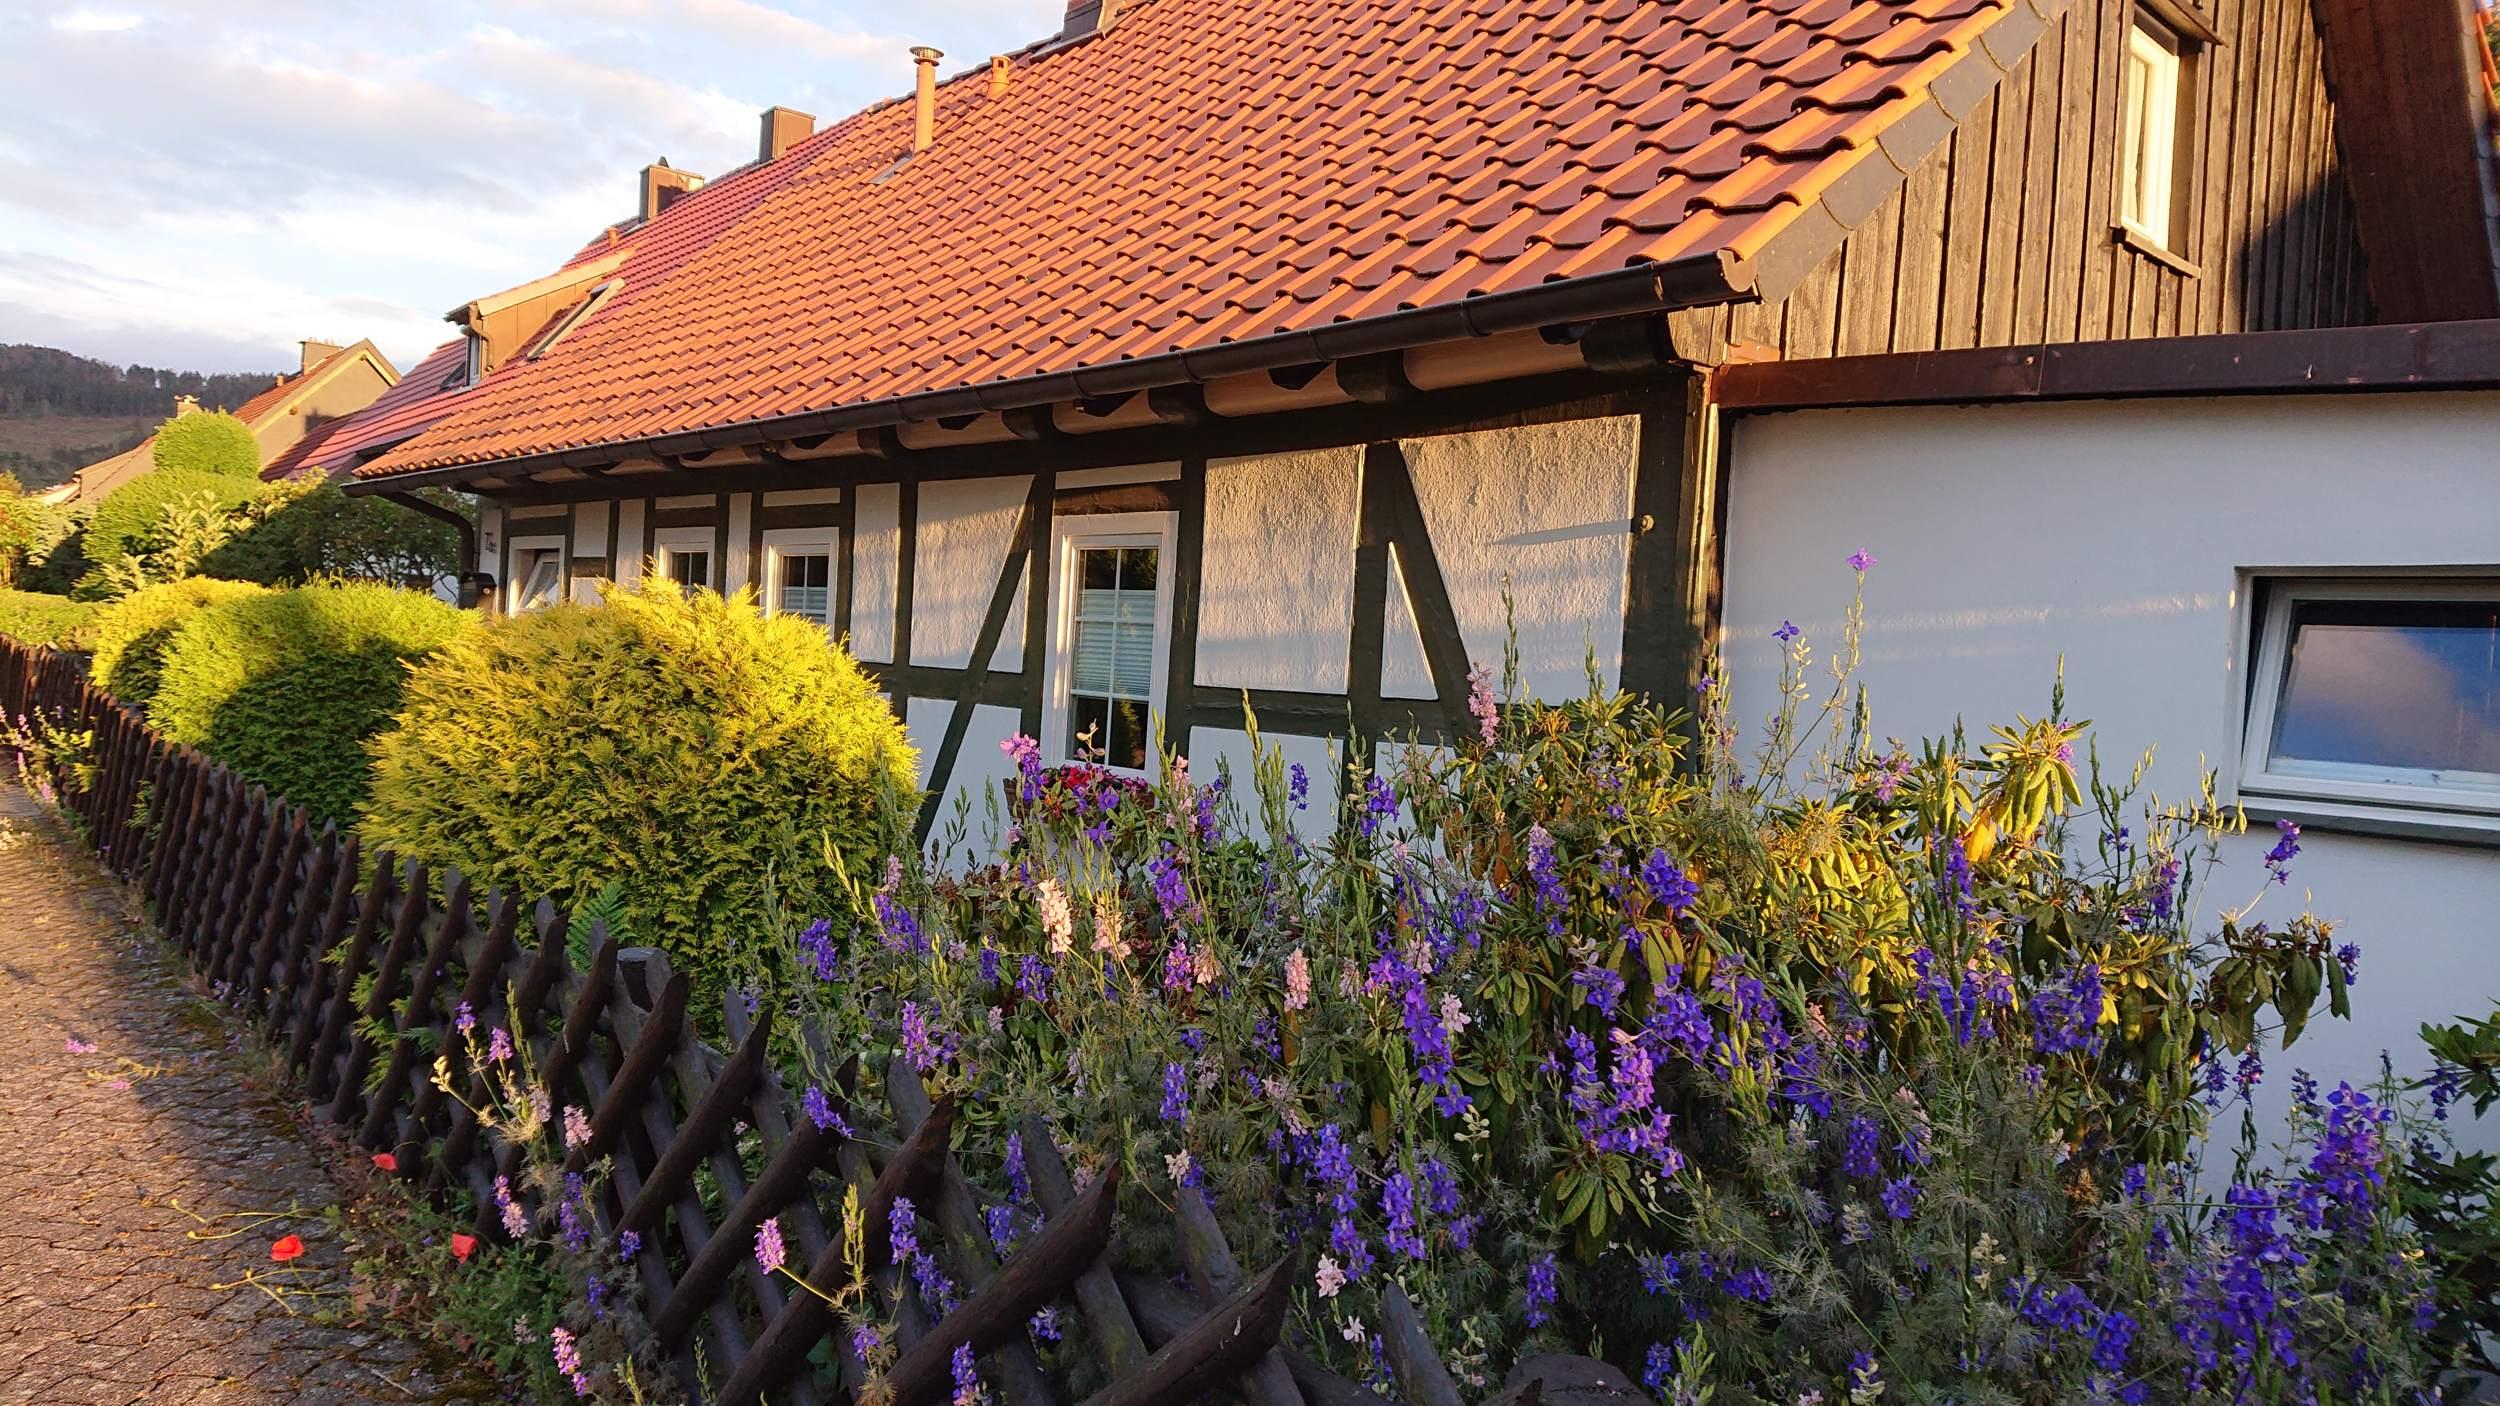 Ferienhaus Breiler in Astfeld